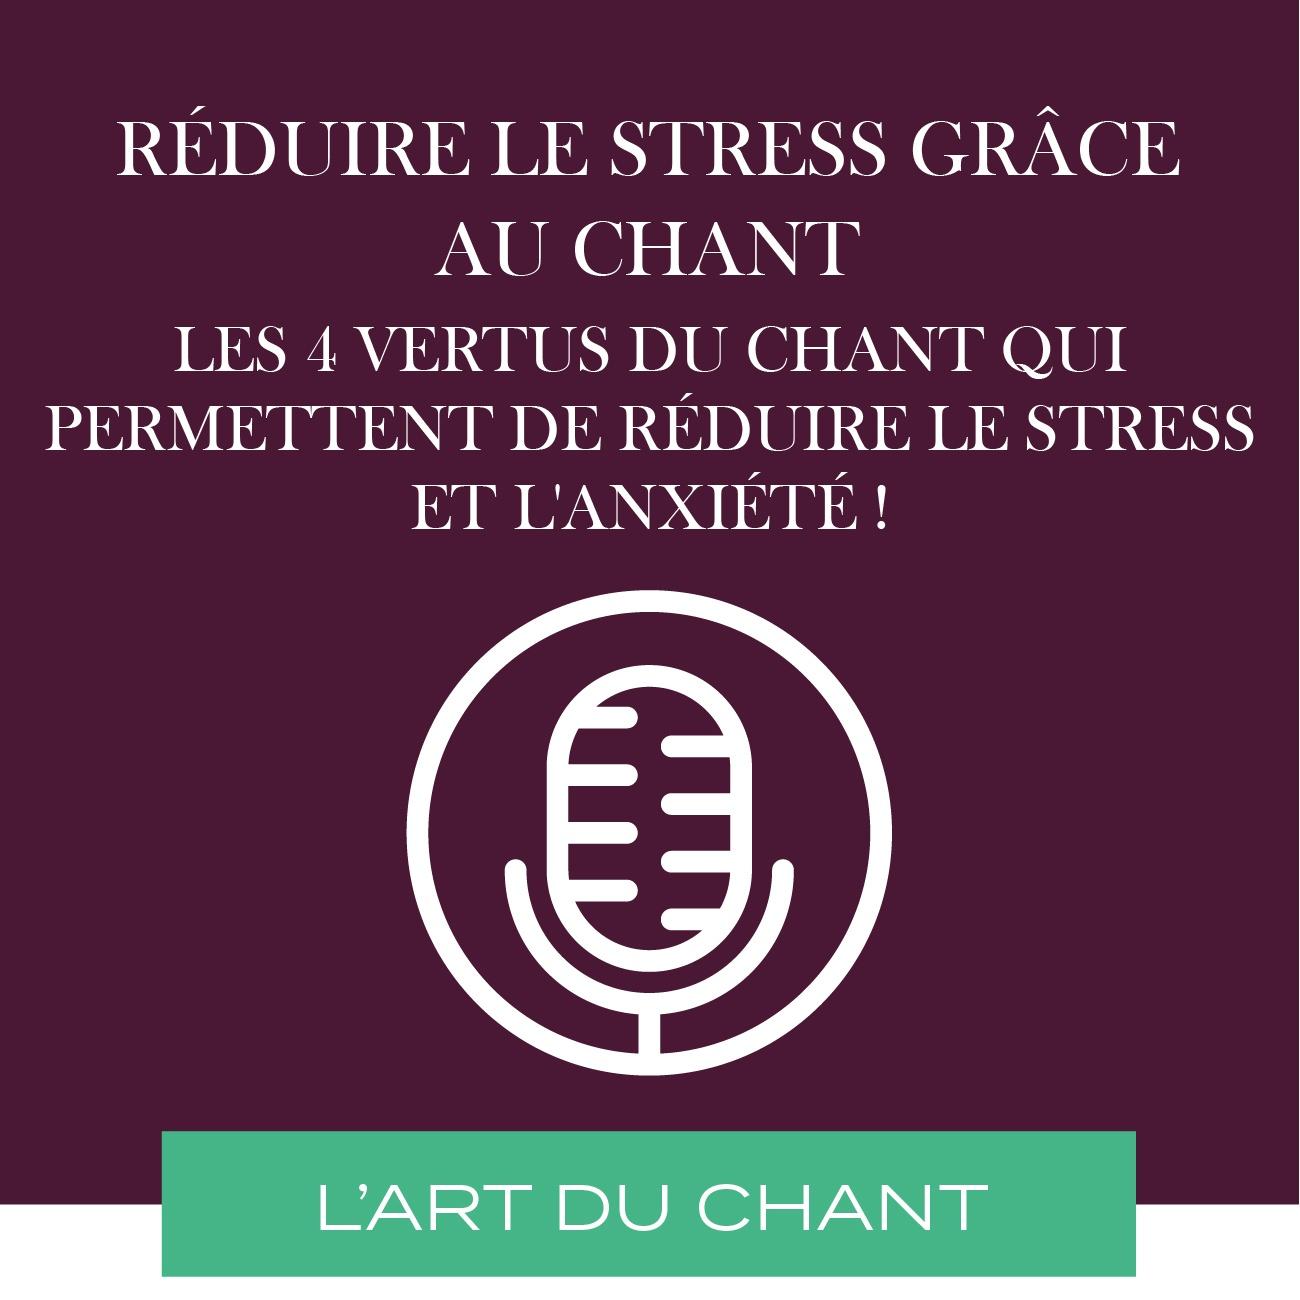 réduire le stress grâce au chant